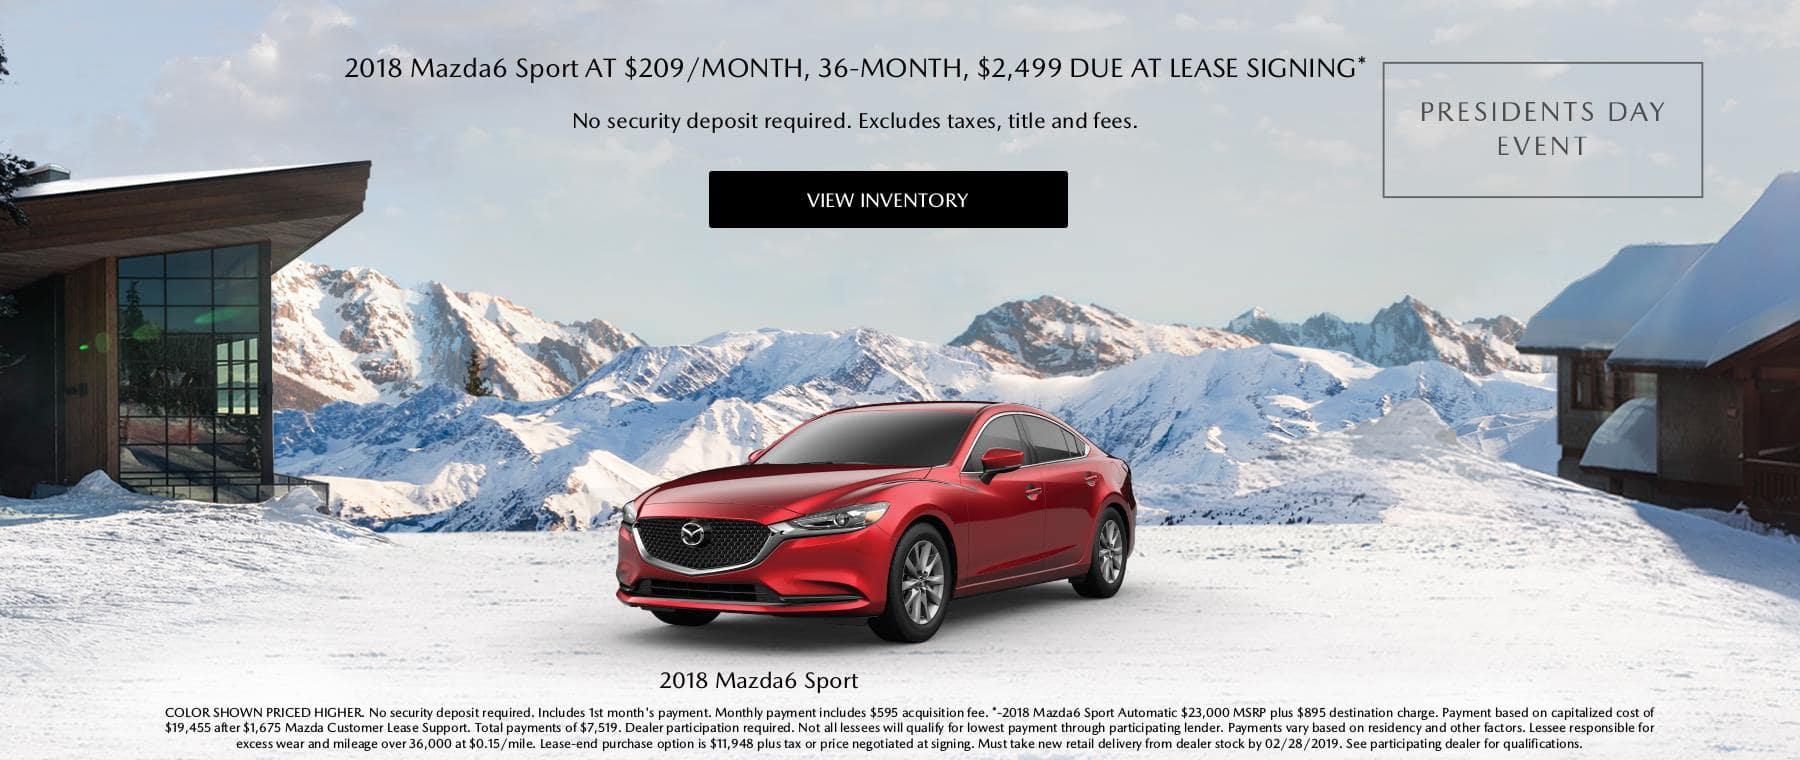 MY18_Mazda6_209_36_2499